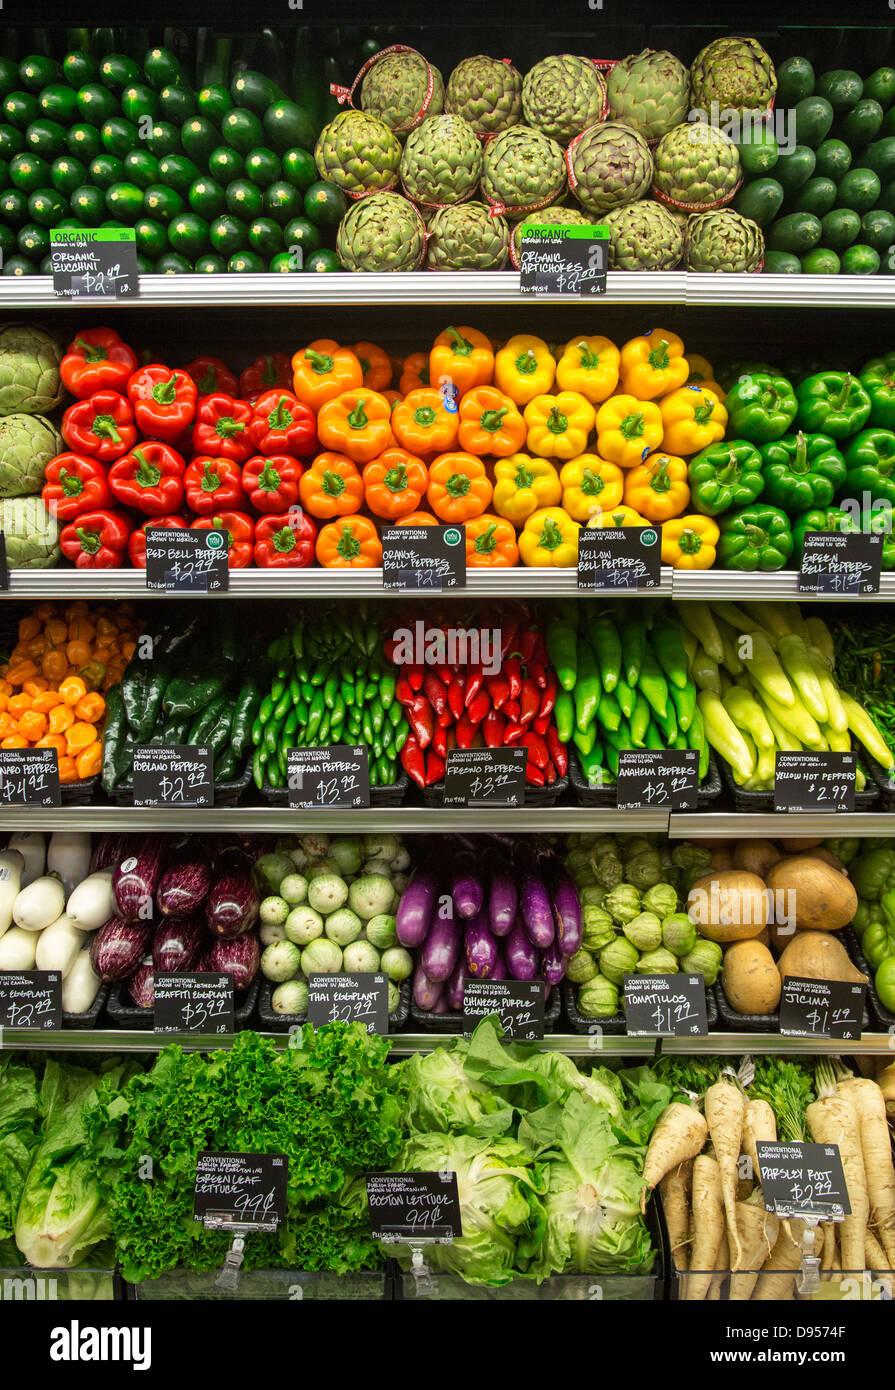 Whole Foods Market - Stock Image